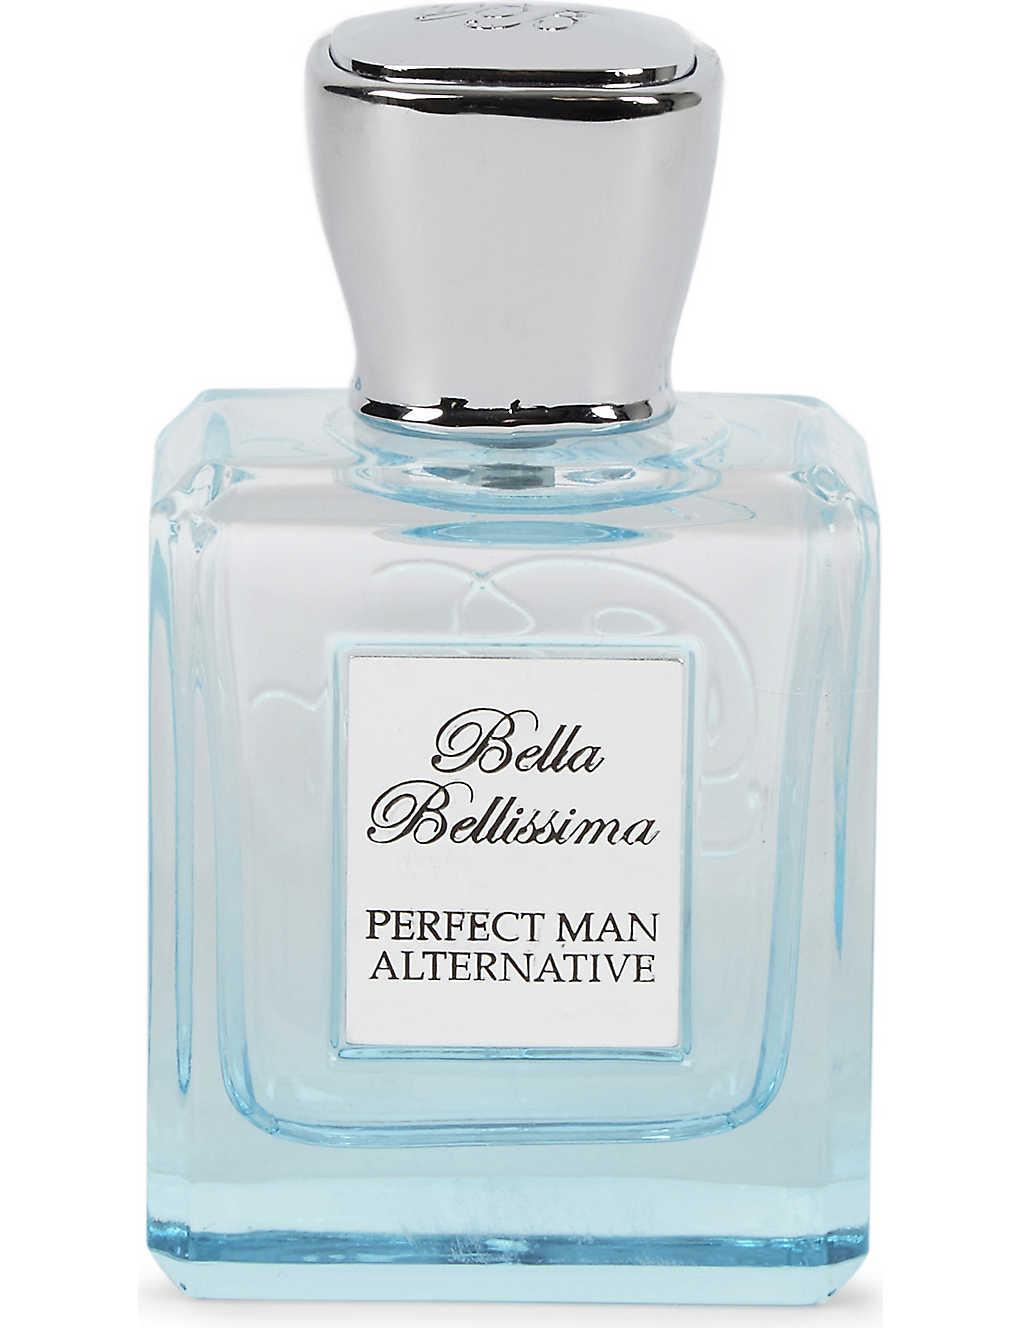 BELLA BELLISSIMA - Perfect Man Alternative Cologne 50ml